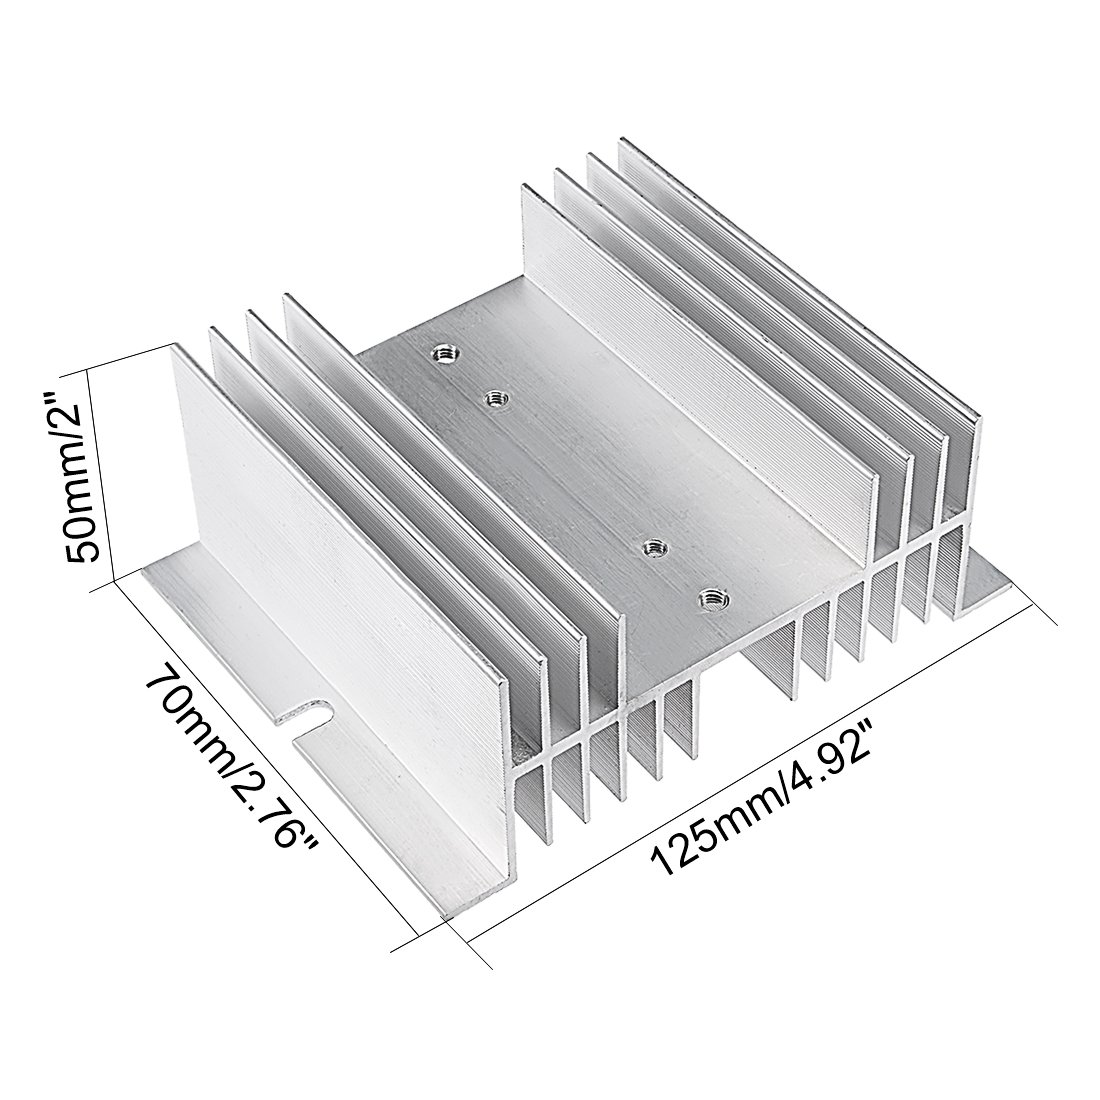 Uxcell Trt 1 D48a25z Mw I 50 Dc 3 32v To Ac 24 480v 25a Single Phase Wiring Diagram